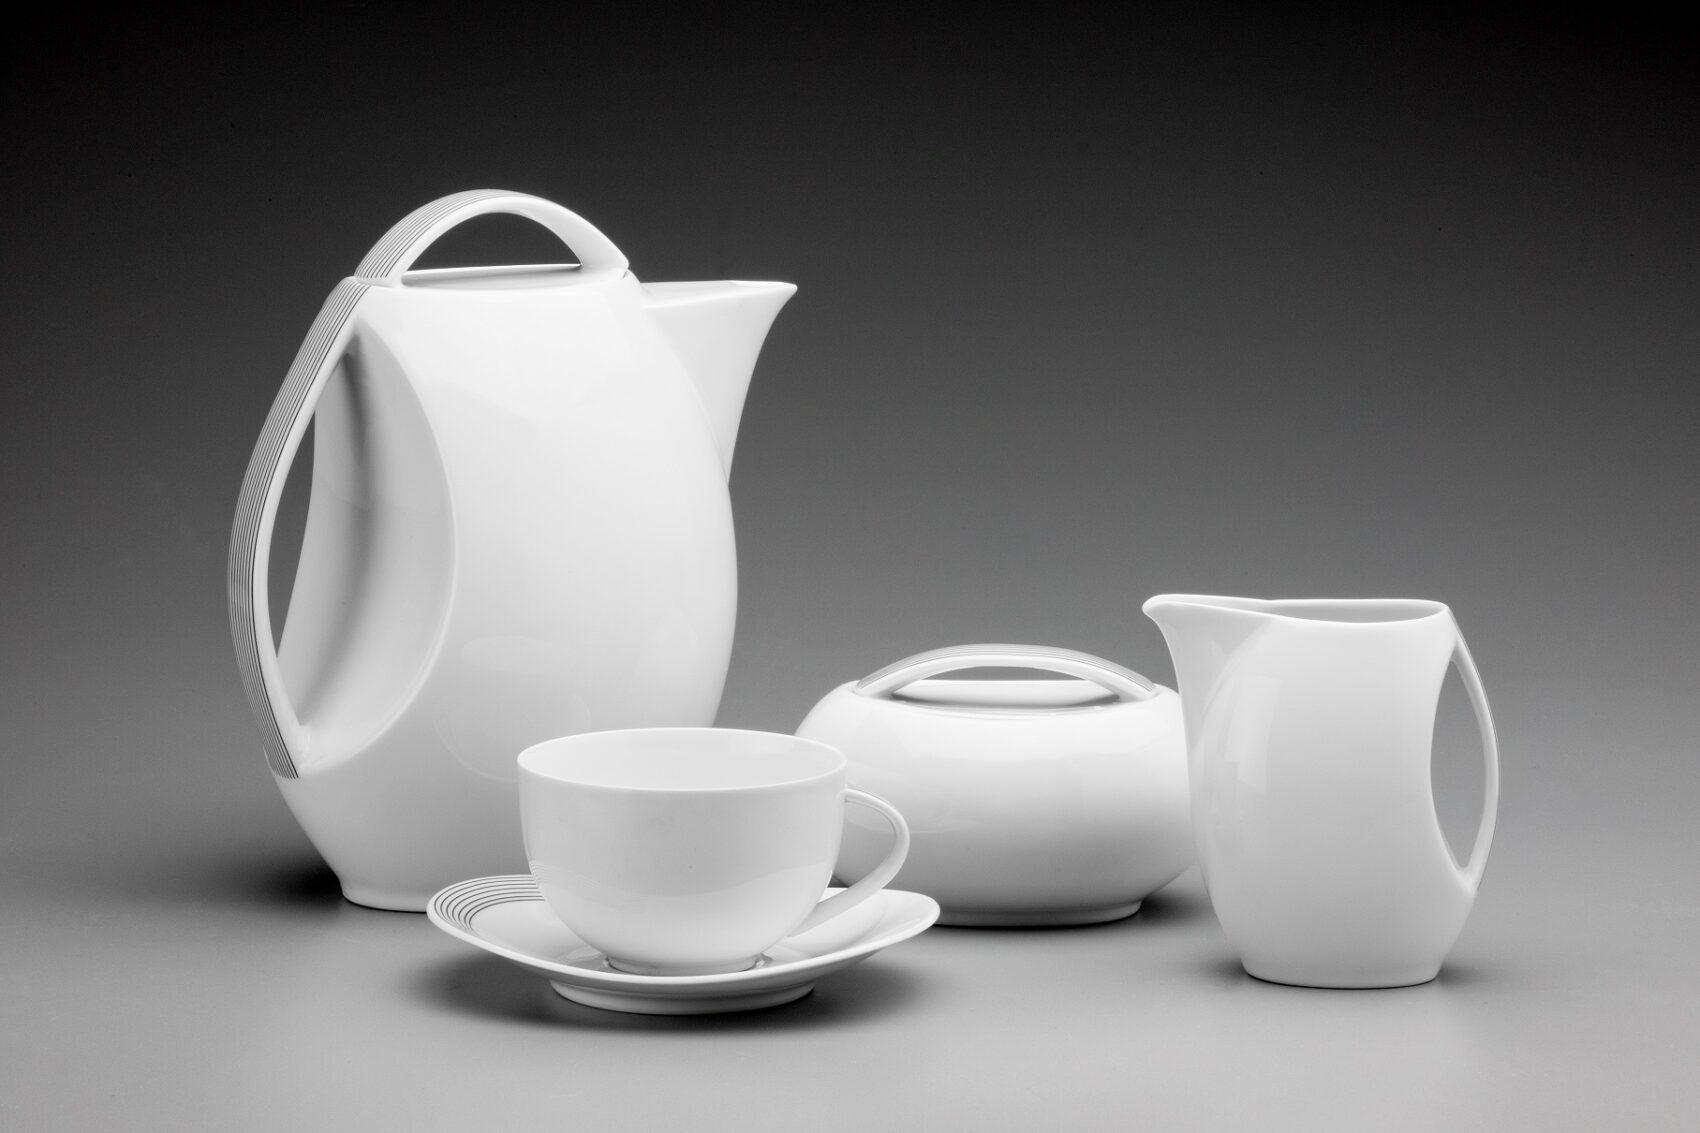 Konvička na kávu, konvička na mléko, šálek s podšálkem a cukřenka. Bílý porcelán